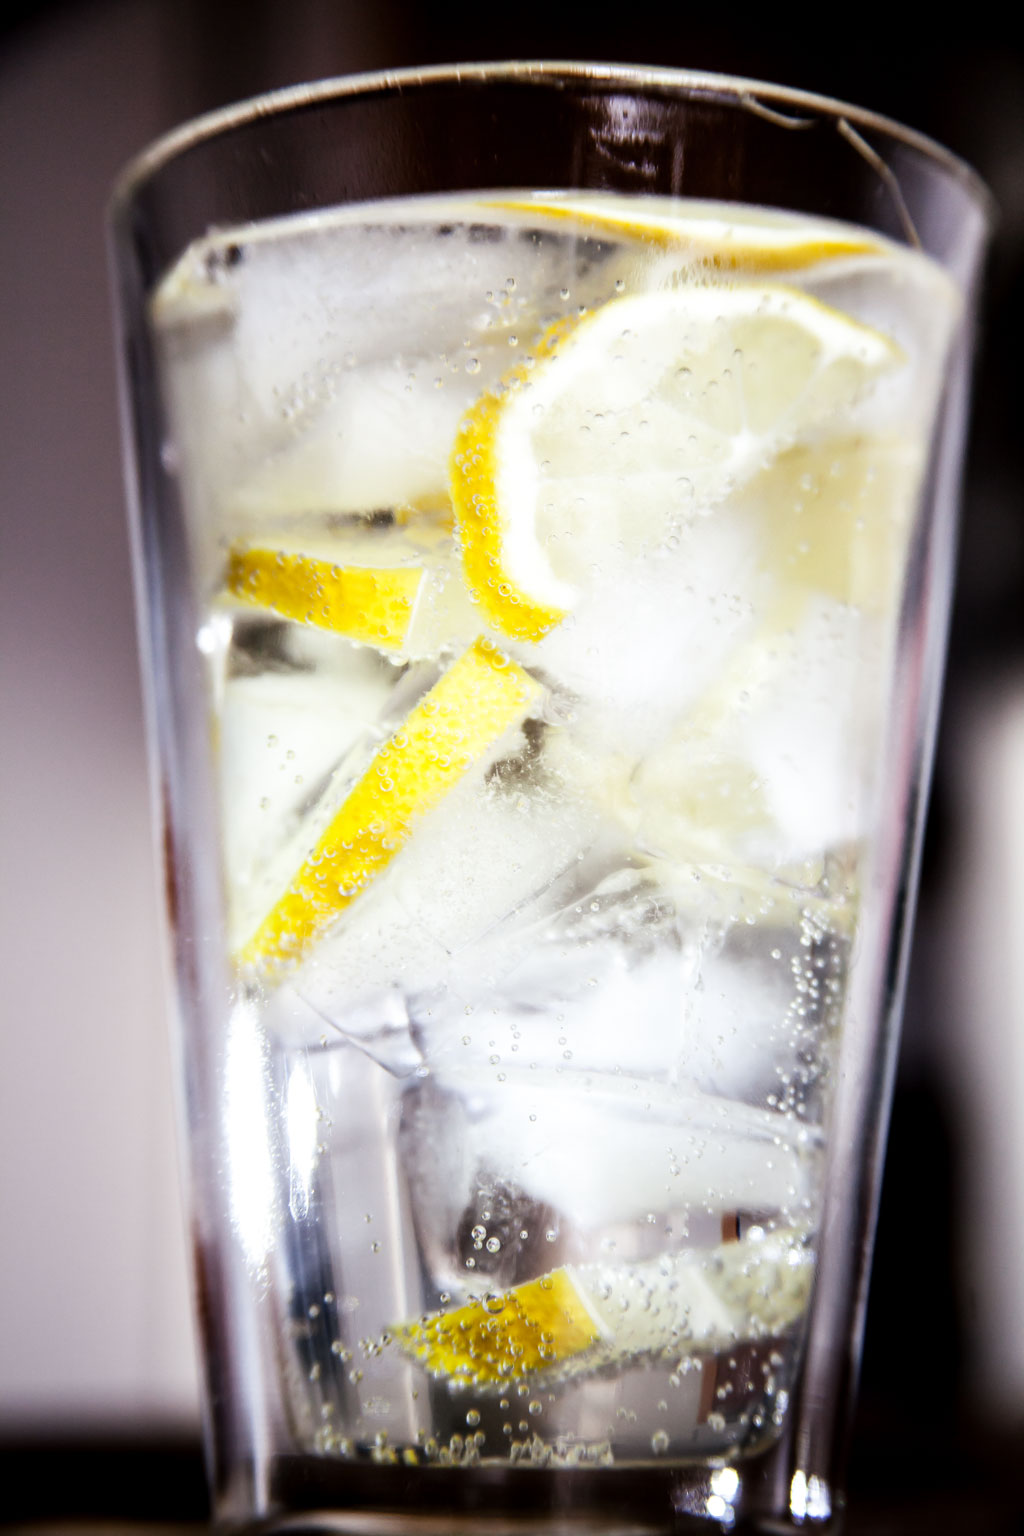 Eiswasser mit Zitronenscheiben.